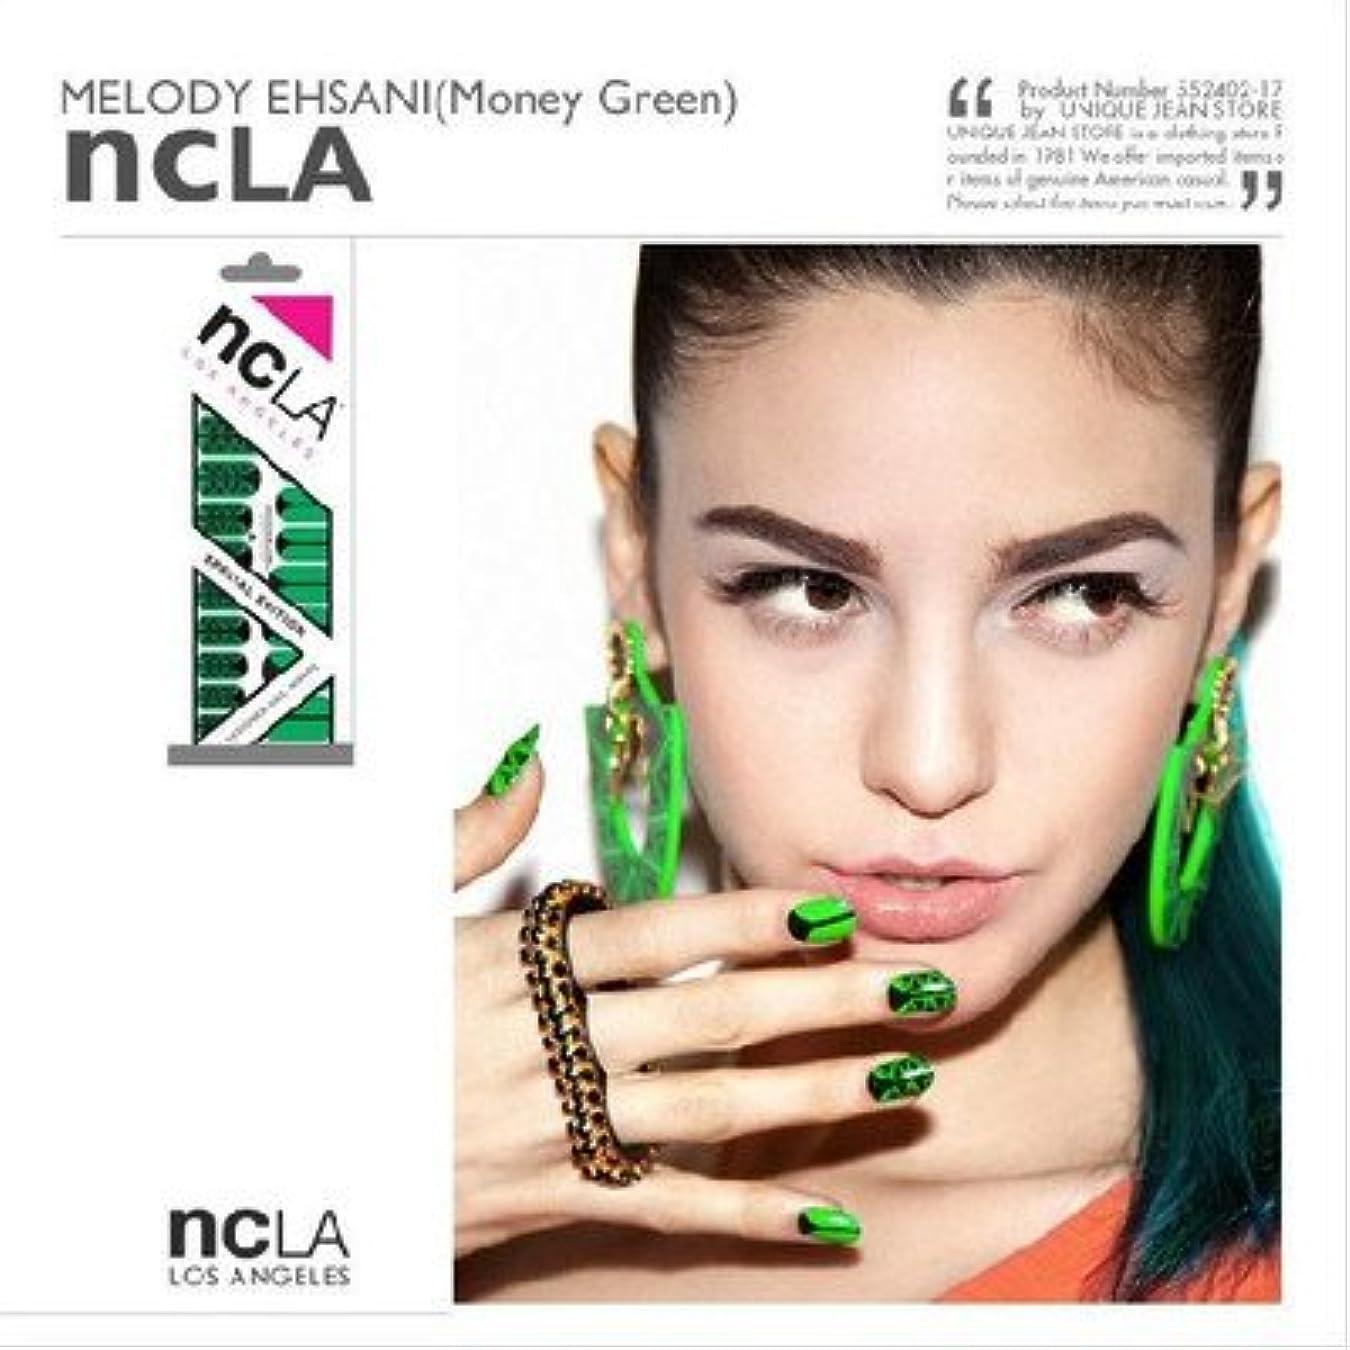 ささやき神秘腰MELODY EHSANI(Money Green)ネイルシール Money Green